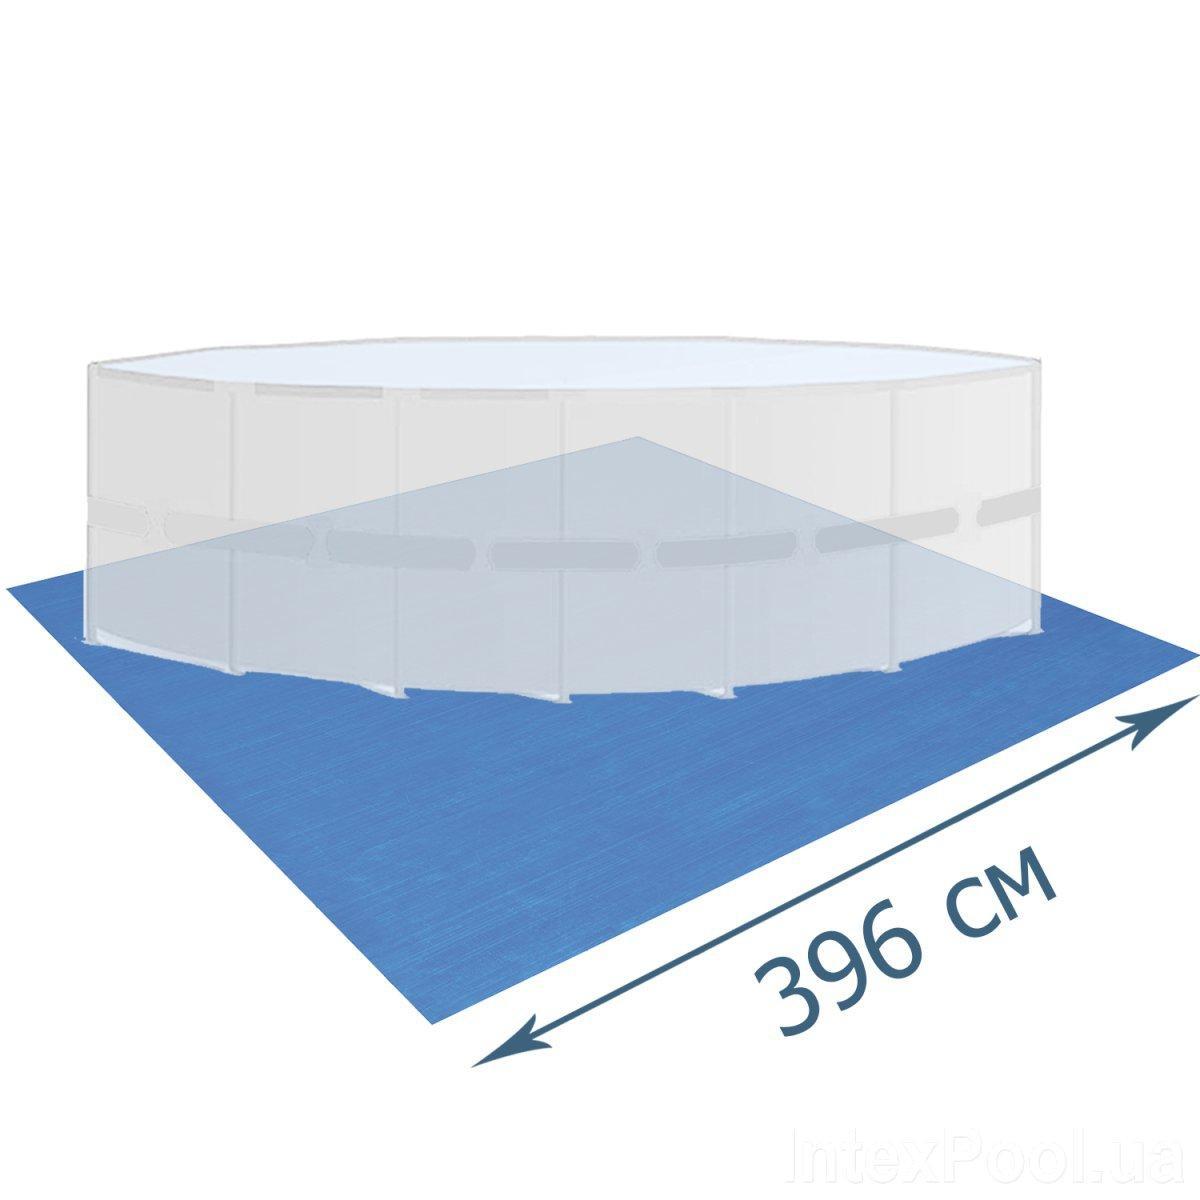 Подстилка для бассейна IntexPool 55001, 396 х 396 см, квадратная